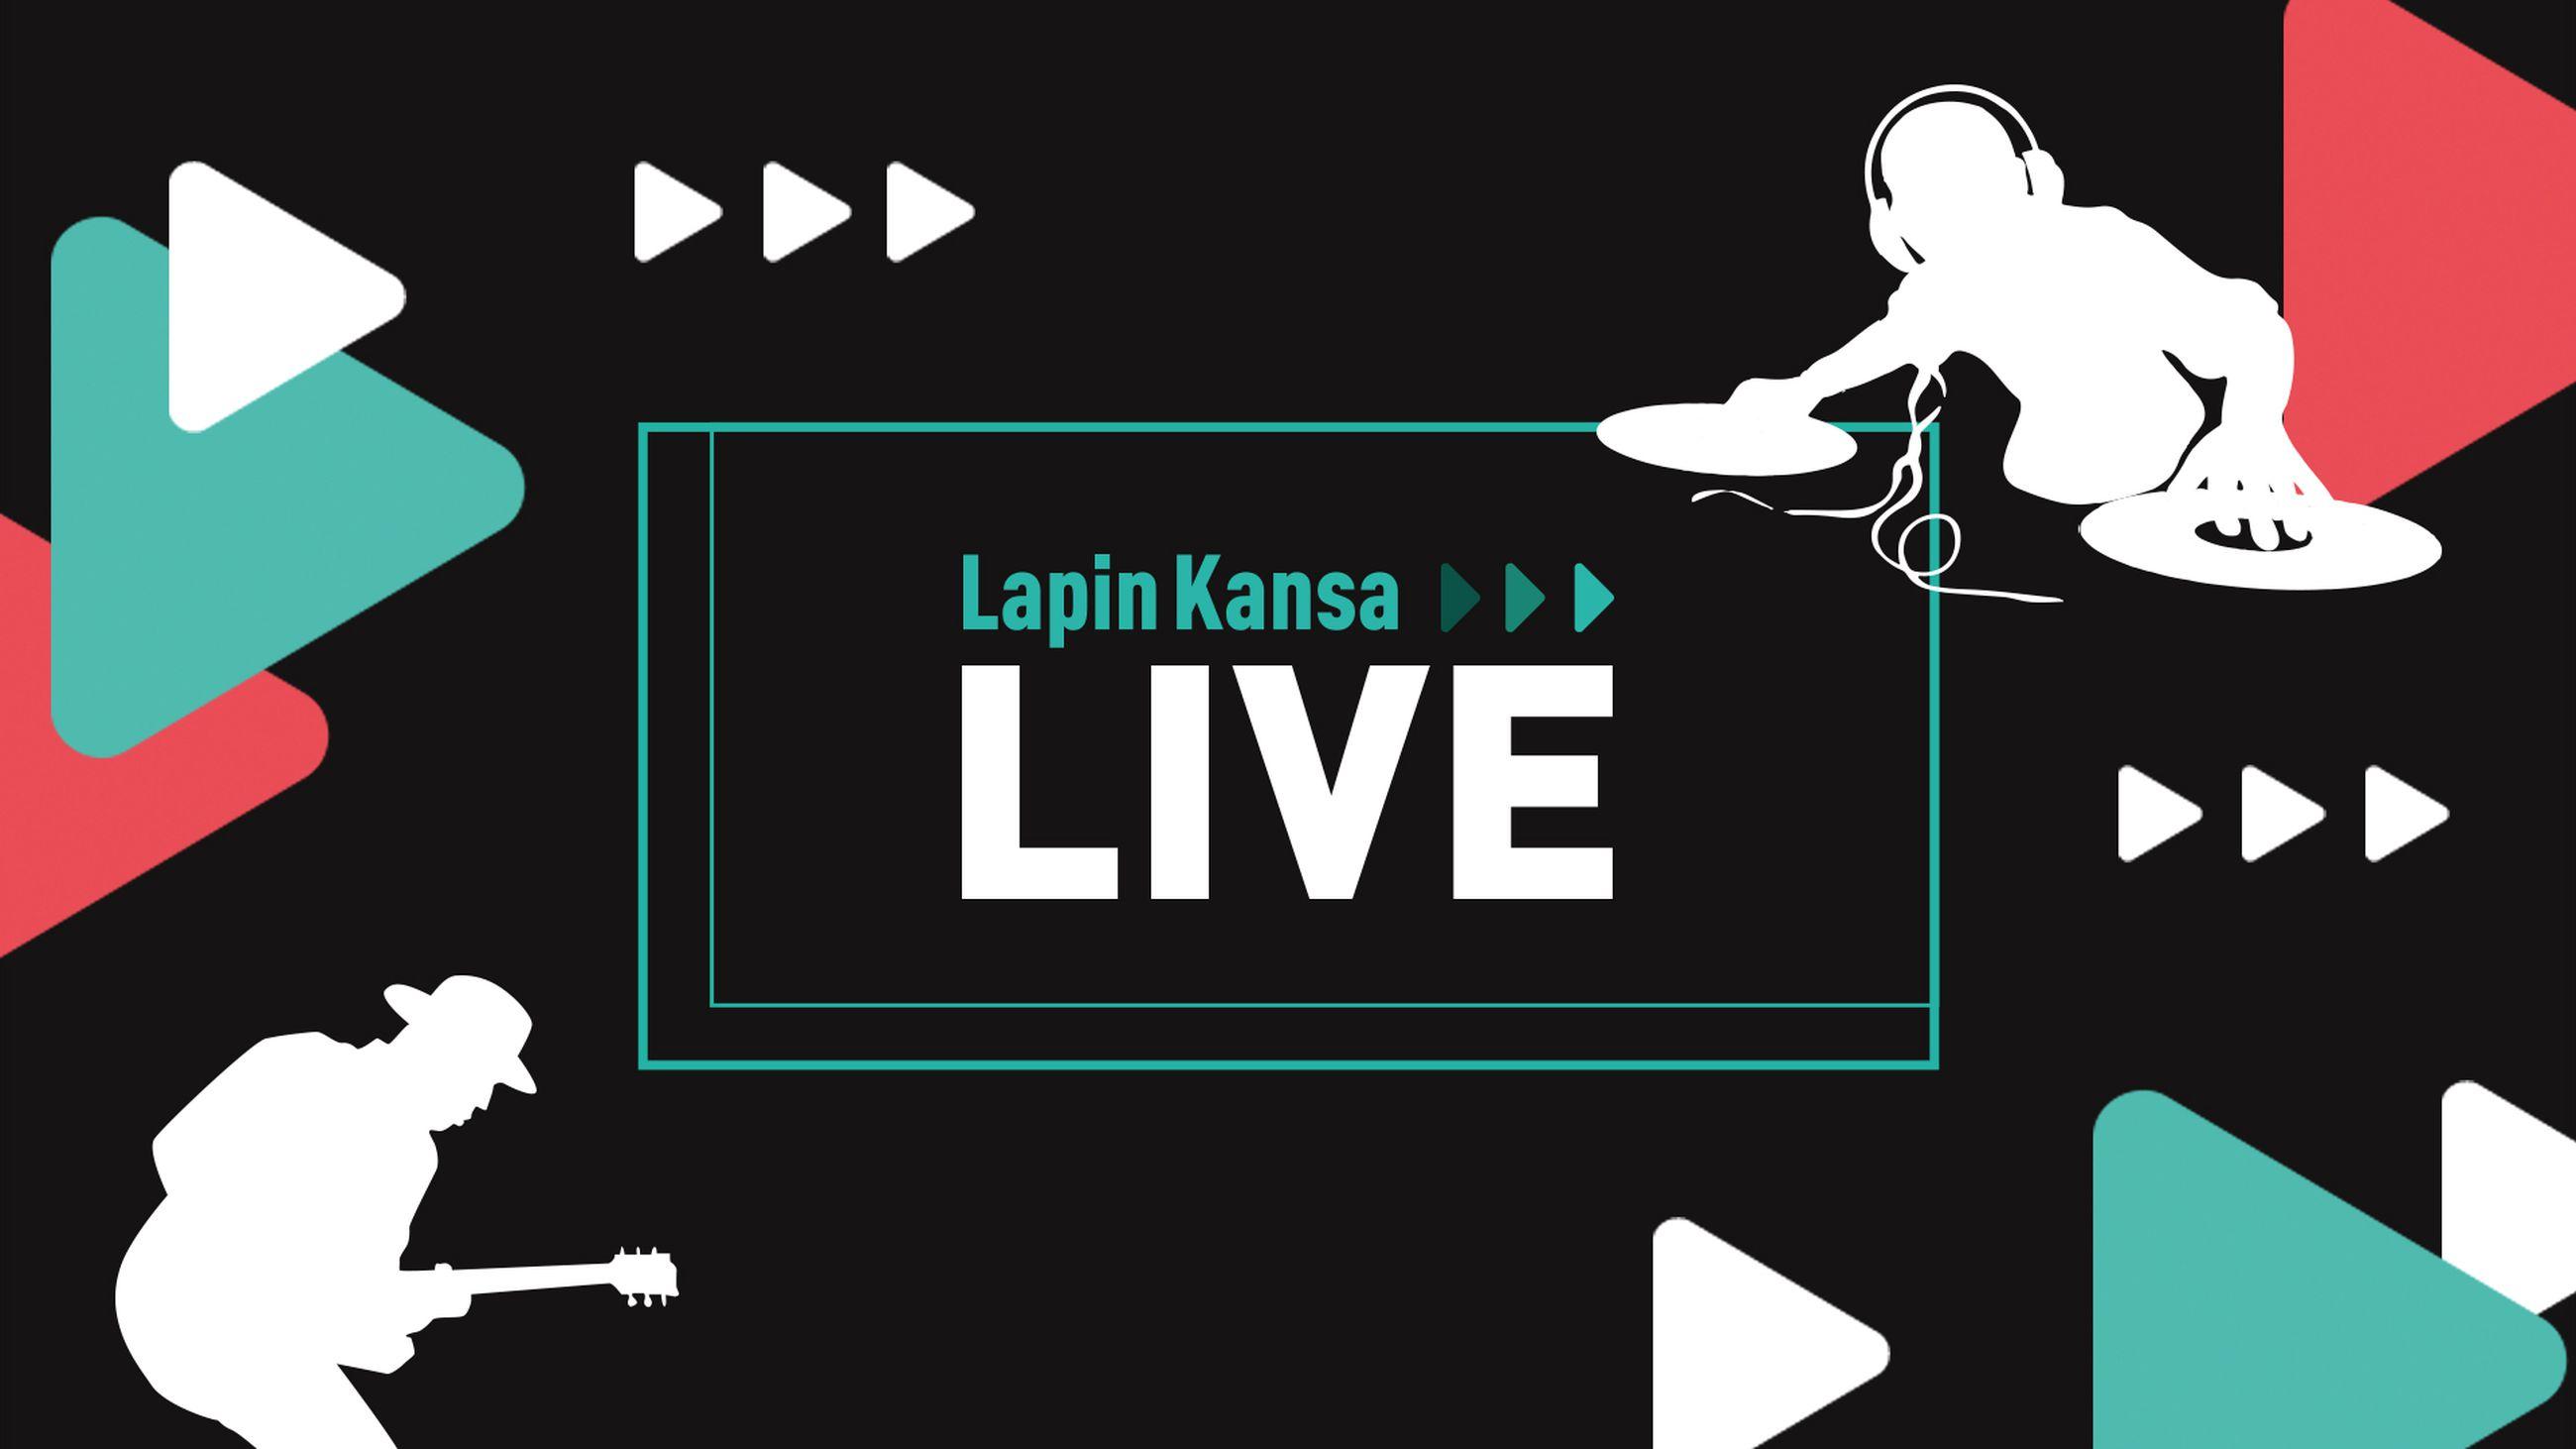 Lapin Kansa live